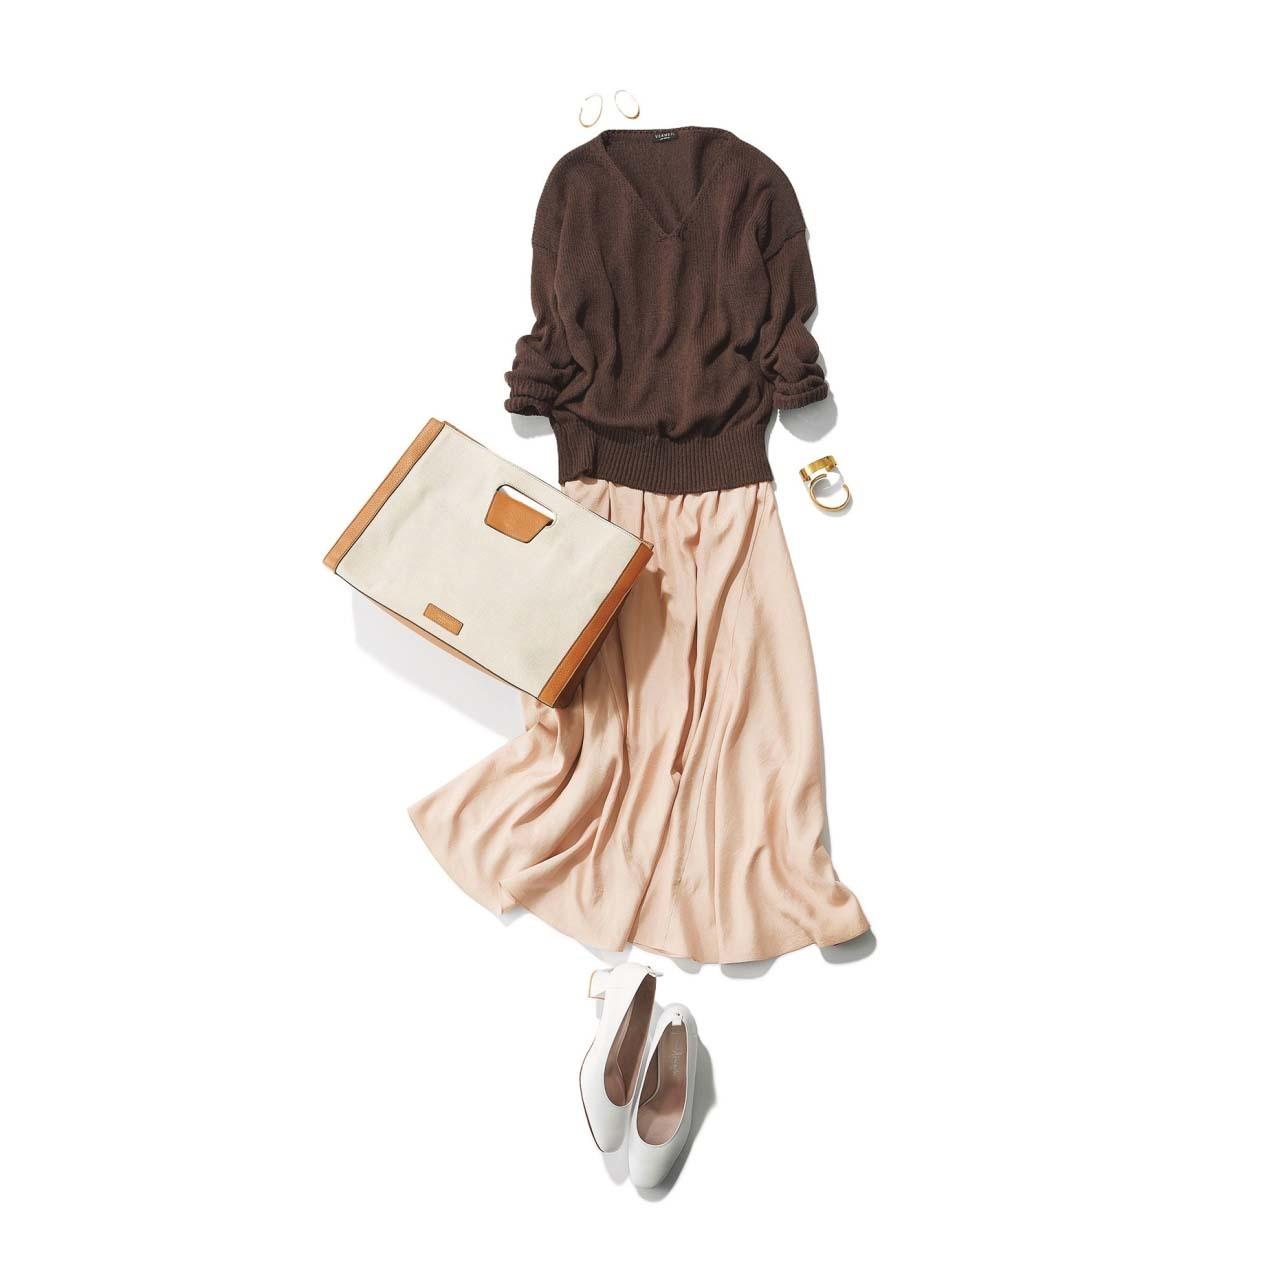 ニット×ミディ丈スカートの「スパイス ブラウン」コーデ